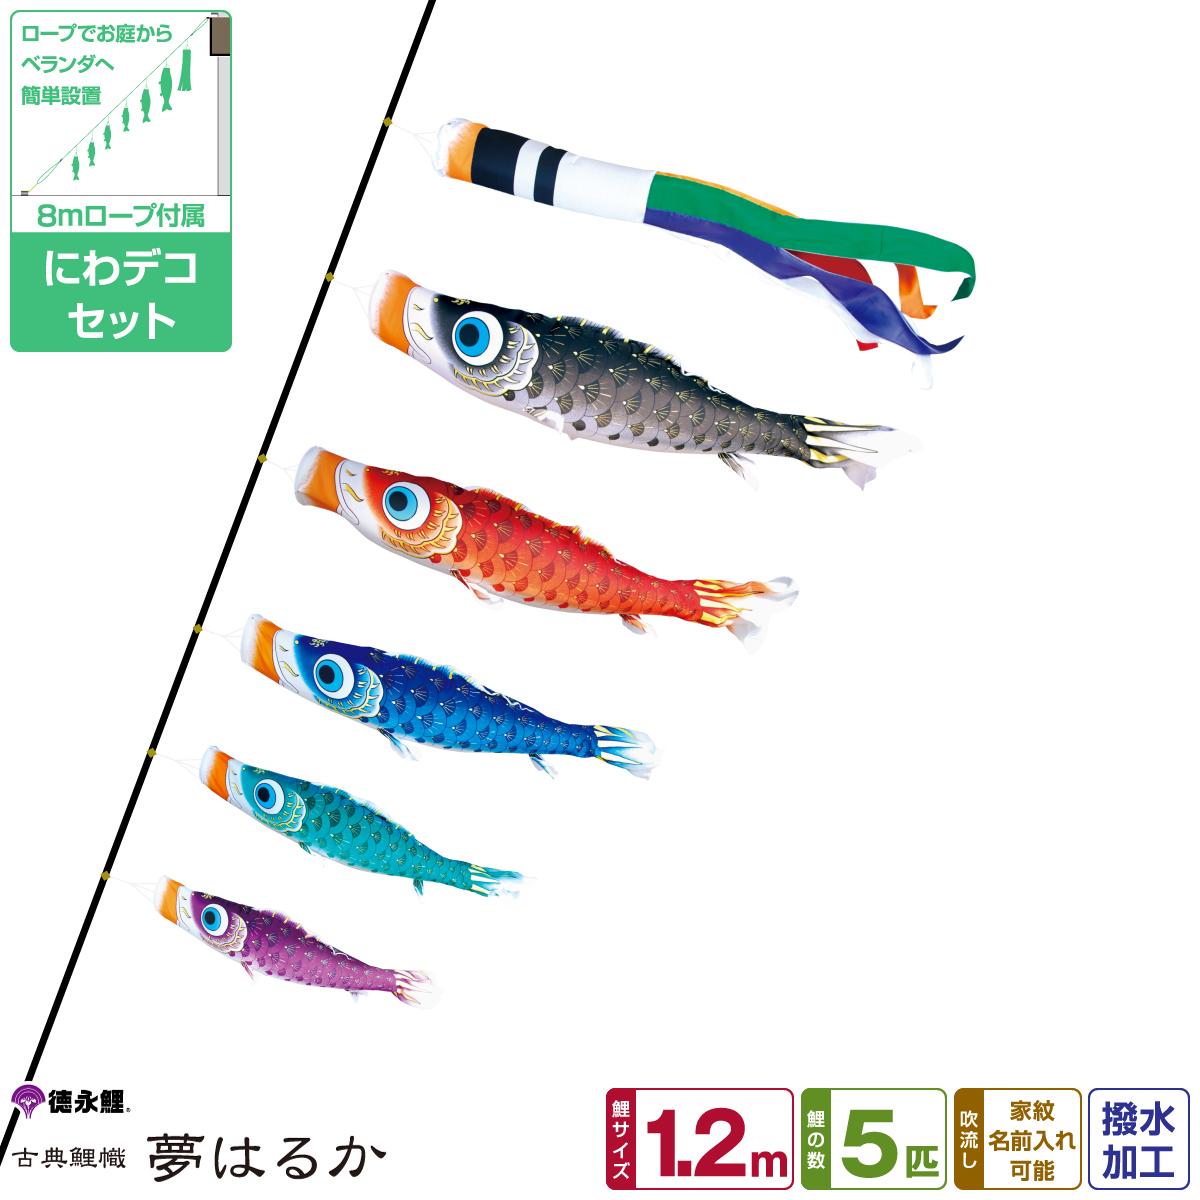 徳永鯉のぼり 夢はるか鯉 1.2m 8点セット にわデコセット 2019年初節句 端午の節句 こどもの日 こいのぼり